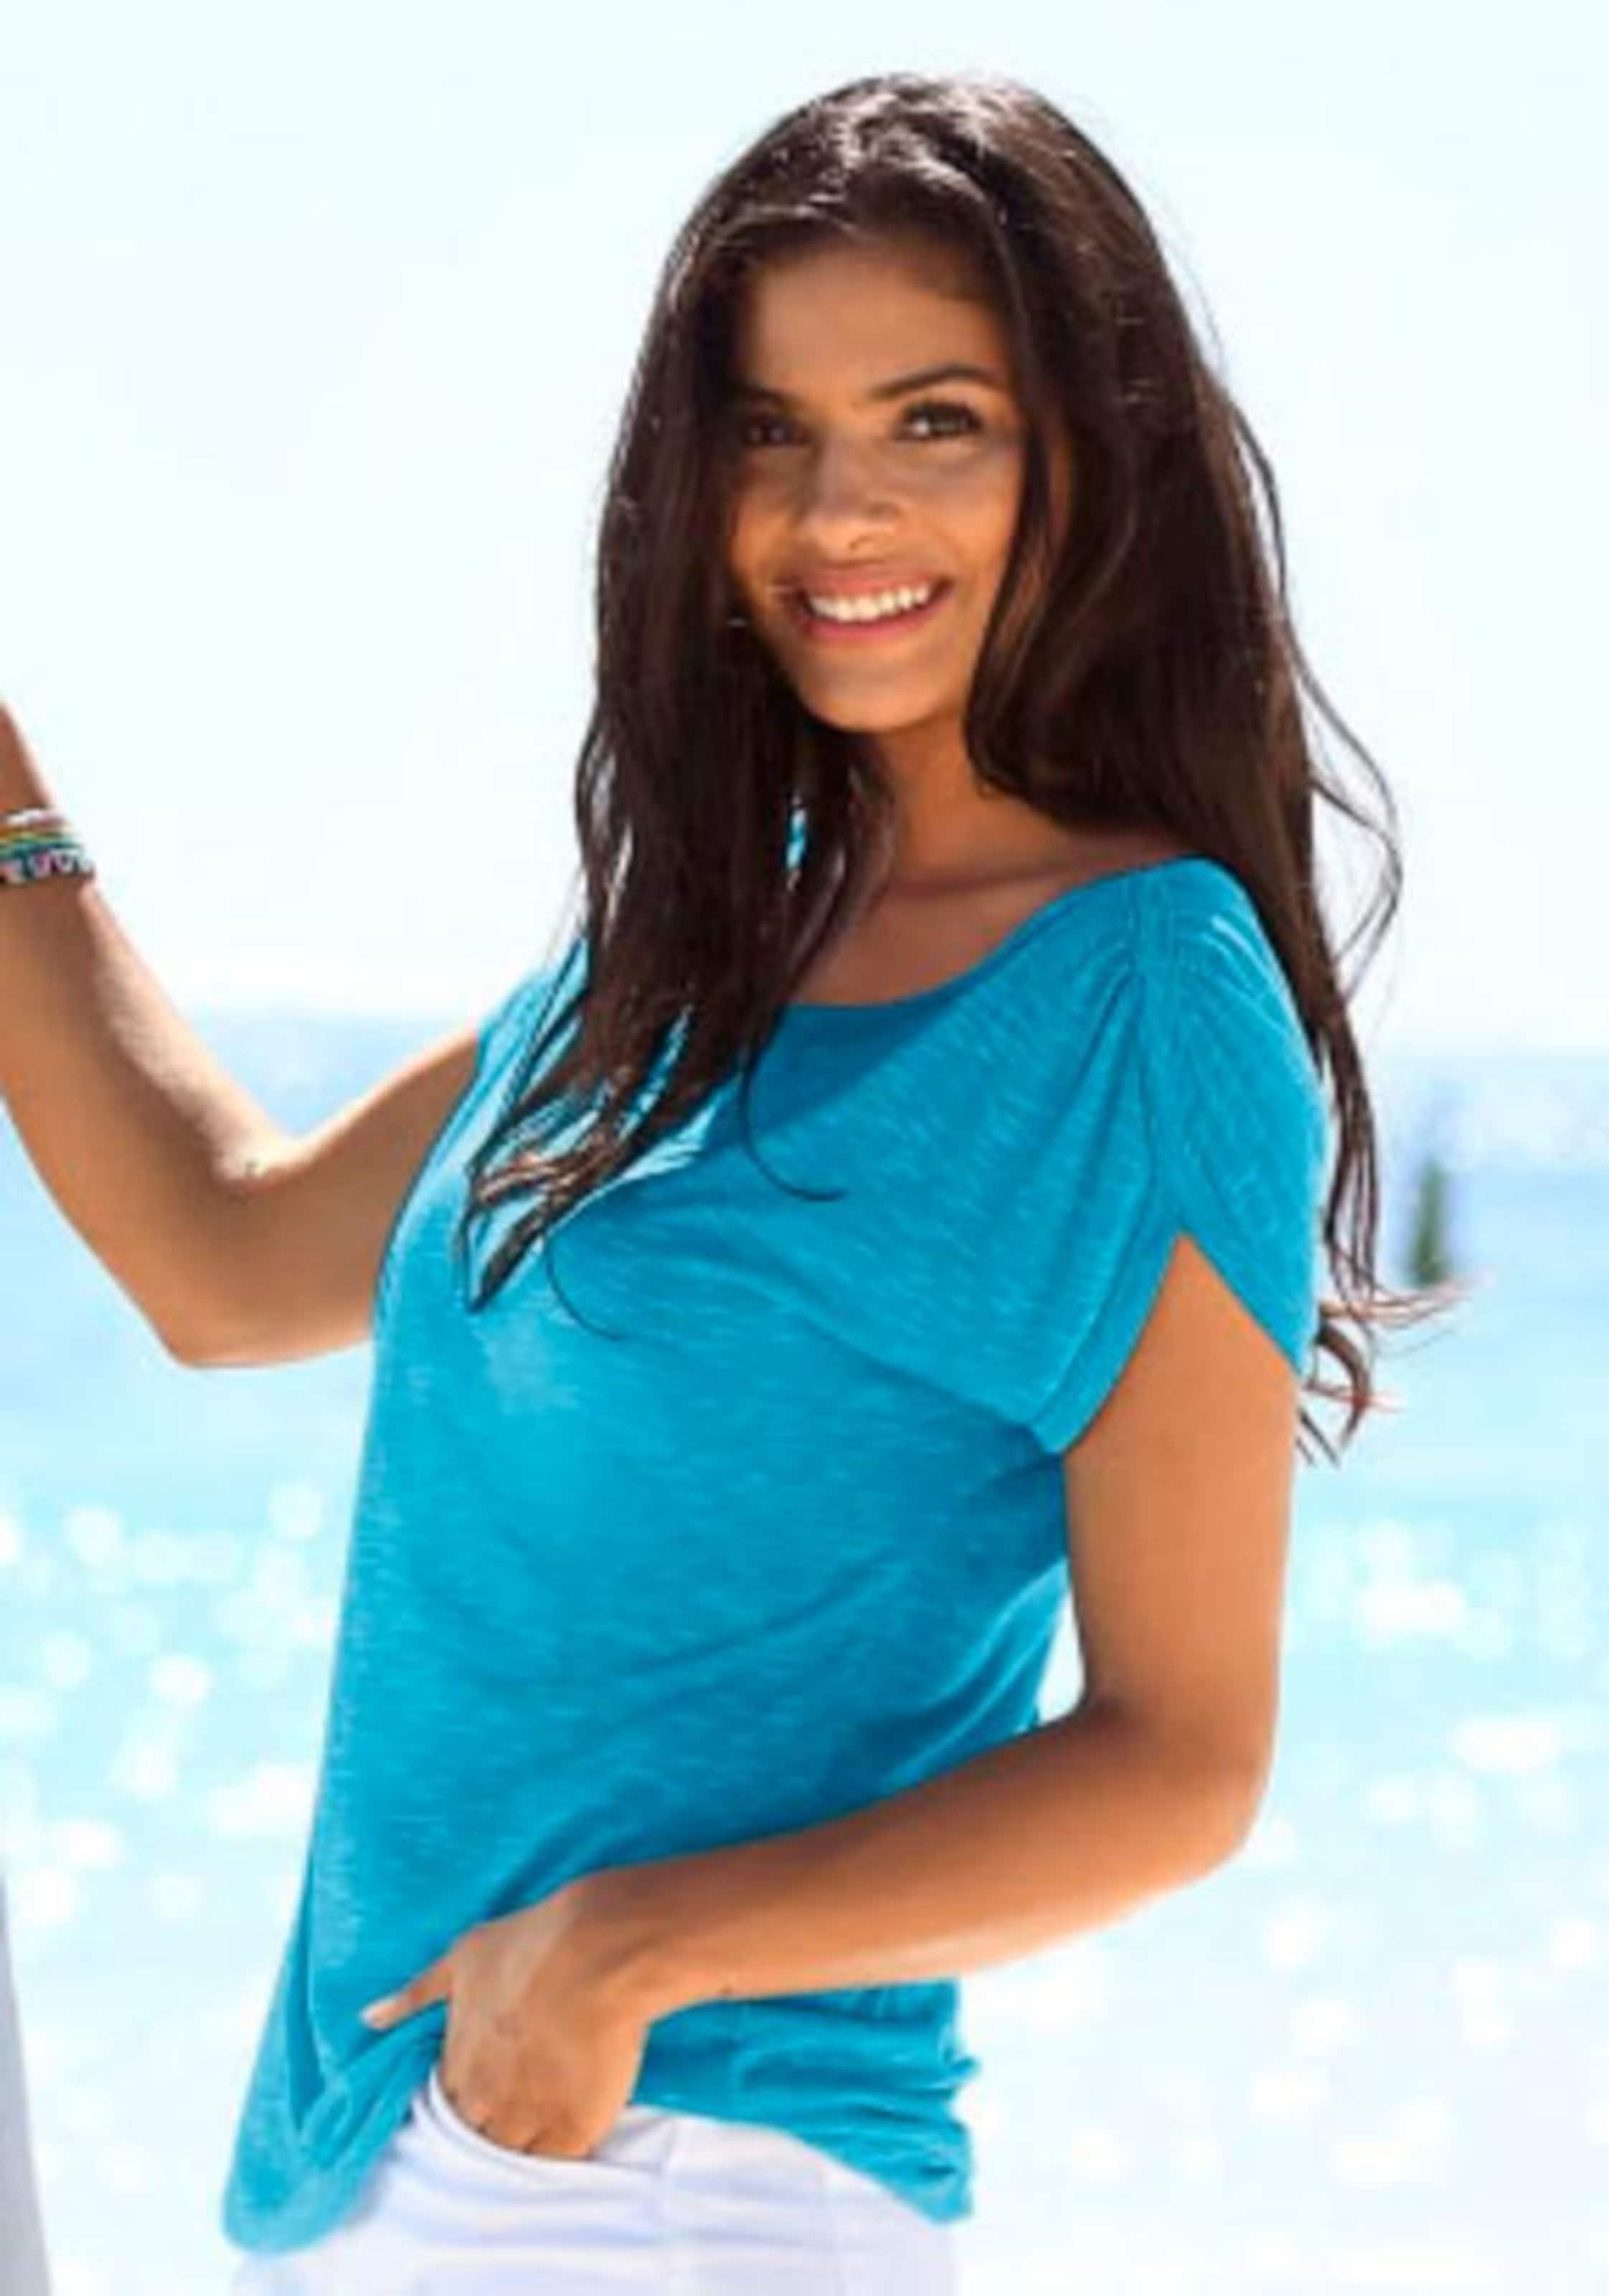 shirt T Lascana shirt T Lascana Lascana In Blau In Blau T shirt b76fgYy